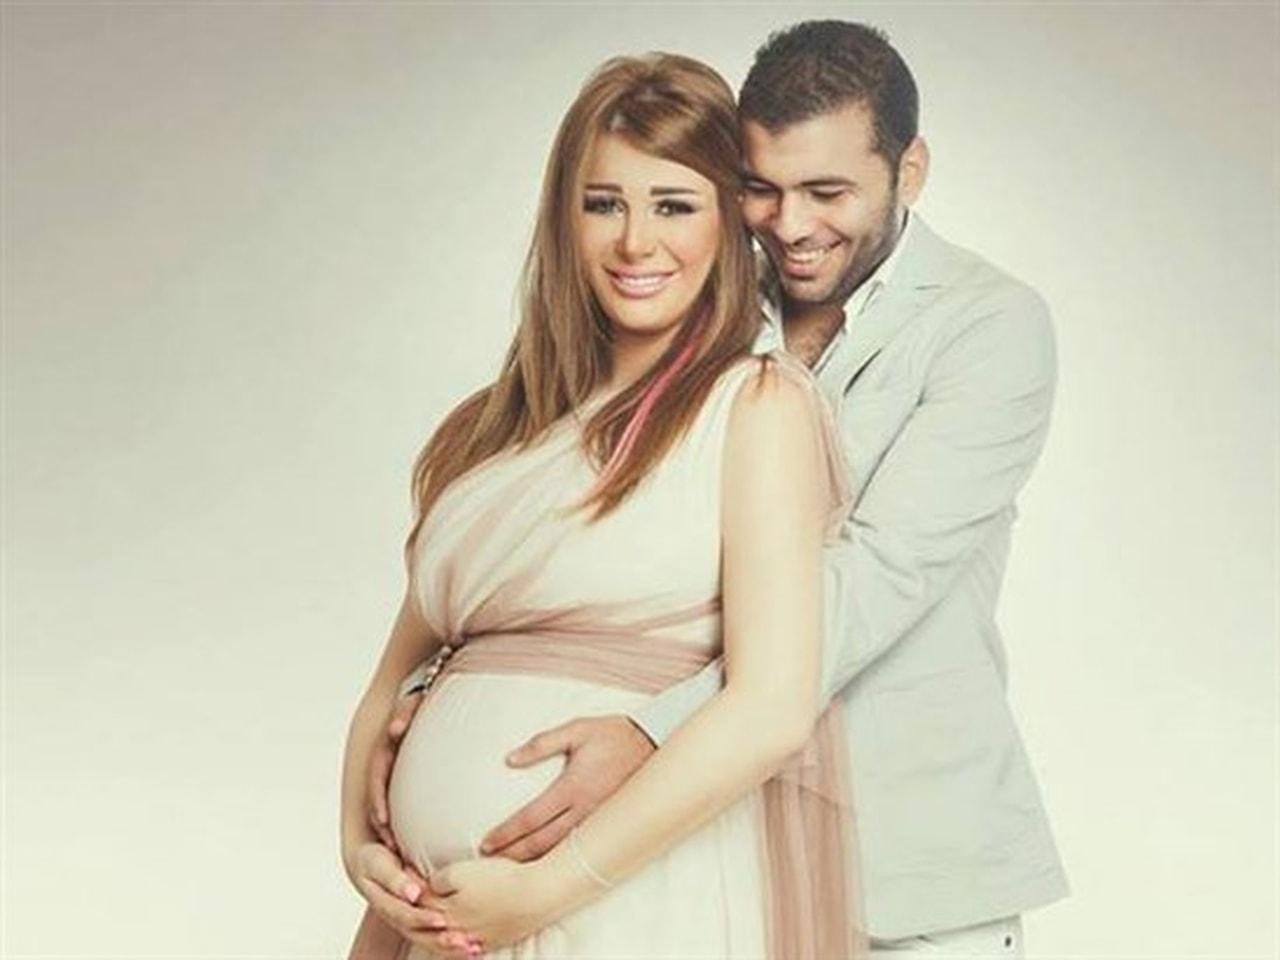 بالصور صور نساء حوامل , اجمل صور للنساء الحوامل 6695